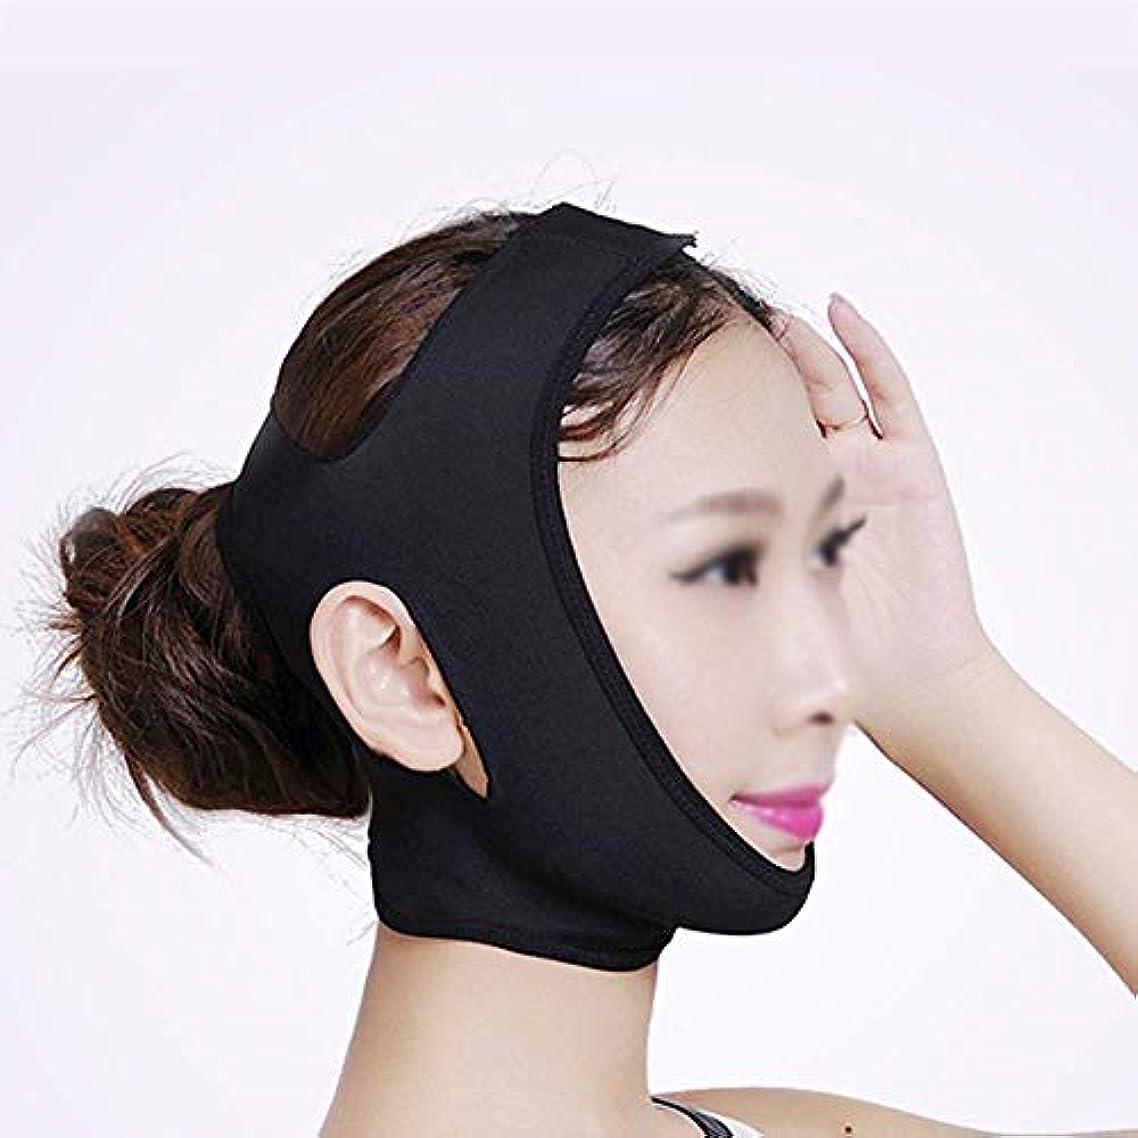 結婚する周辺非公式フェイシャル減量マスクリフティングフェイス、フェイスマスク、減量包帯を除去するためのダブルチン、フェイシャルリフティング包帯、ダブルチンを減らすためのリフティングベルト(カラー:ブラック、サイズ:M),ブラック、XL